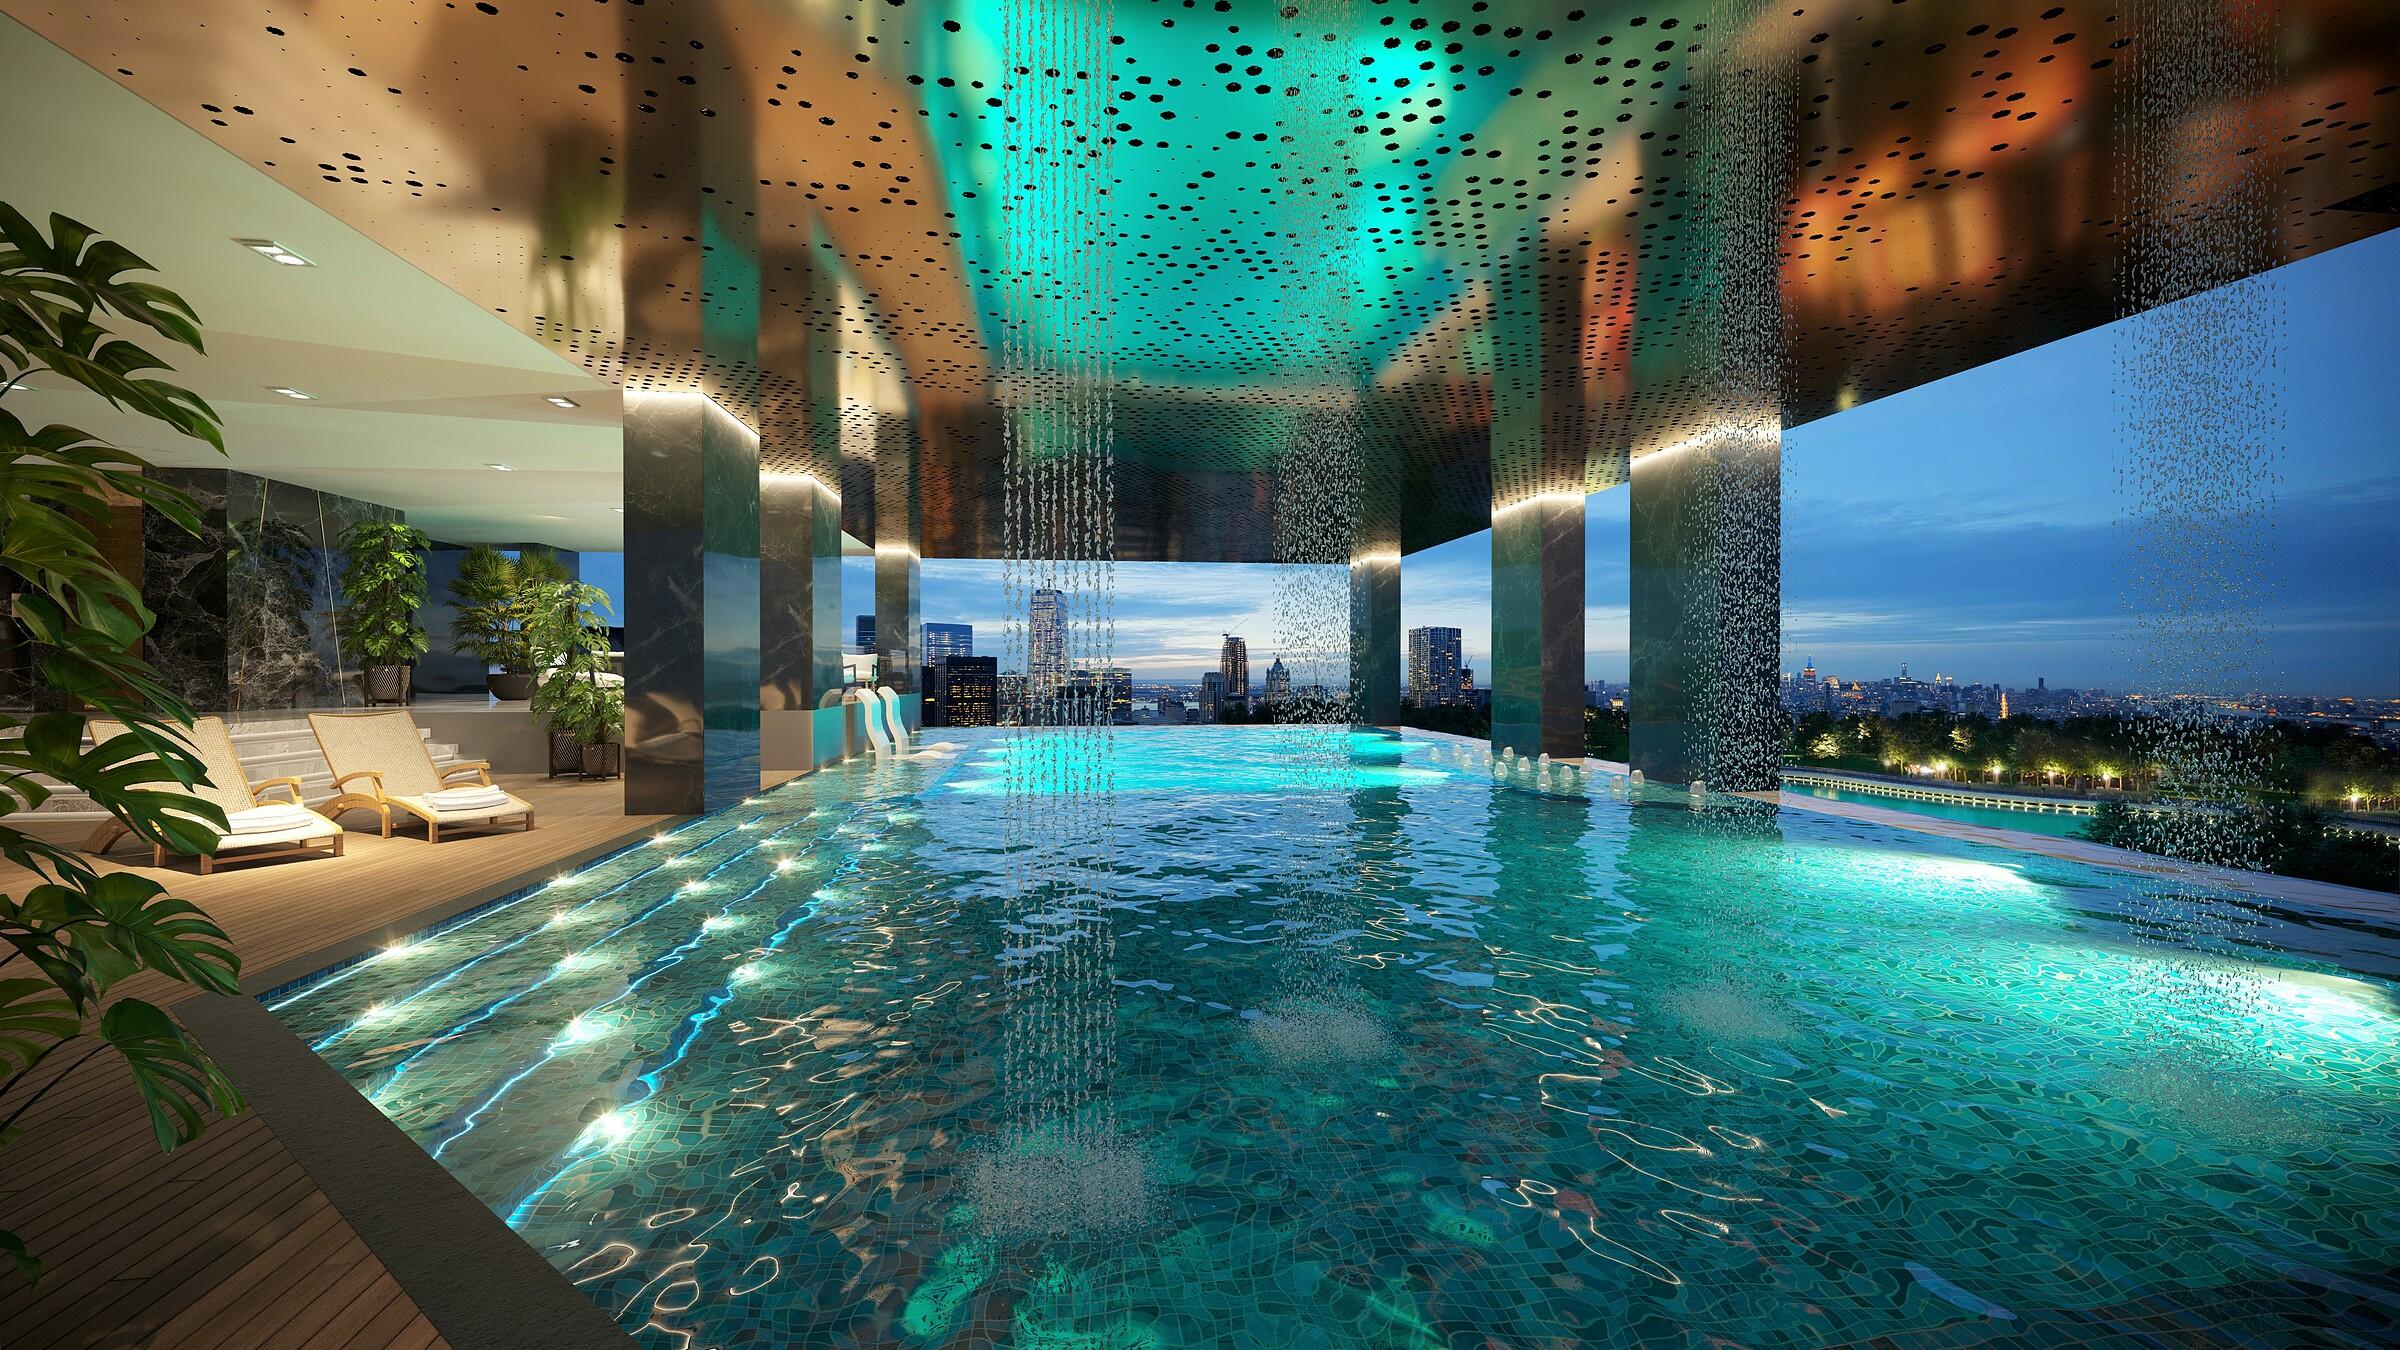 Hồ bơi tràn bờ Sky Pool, nơi thư giãn cho cư dân Park Legend. Ảnh: ICC.